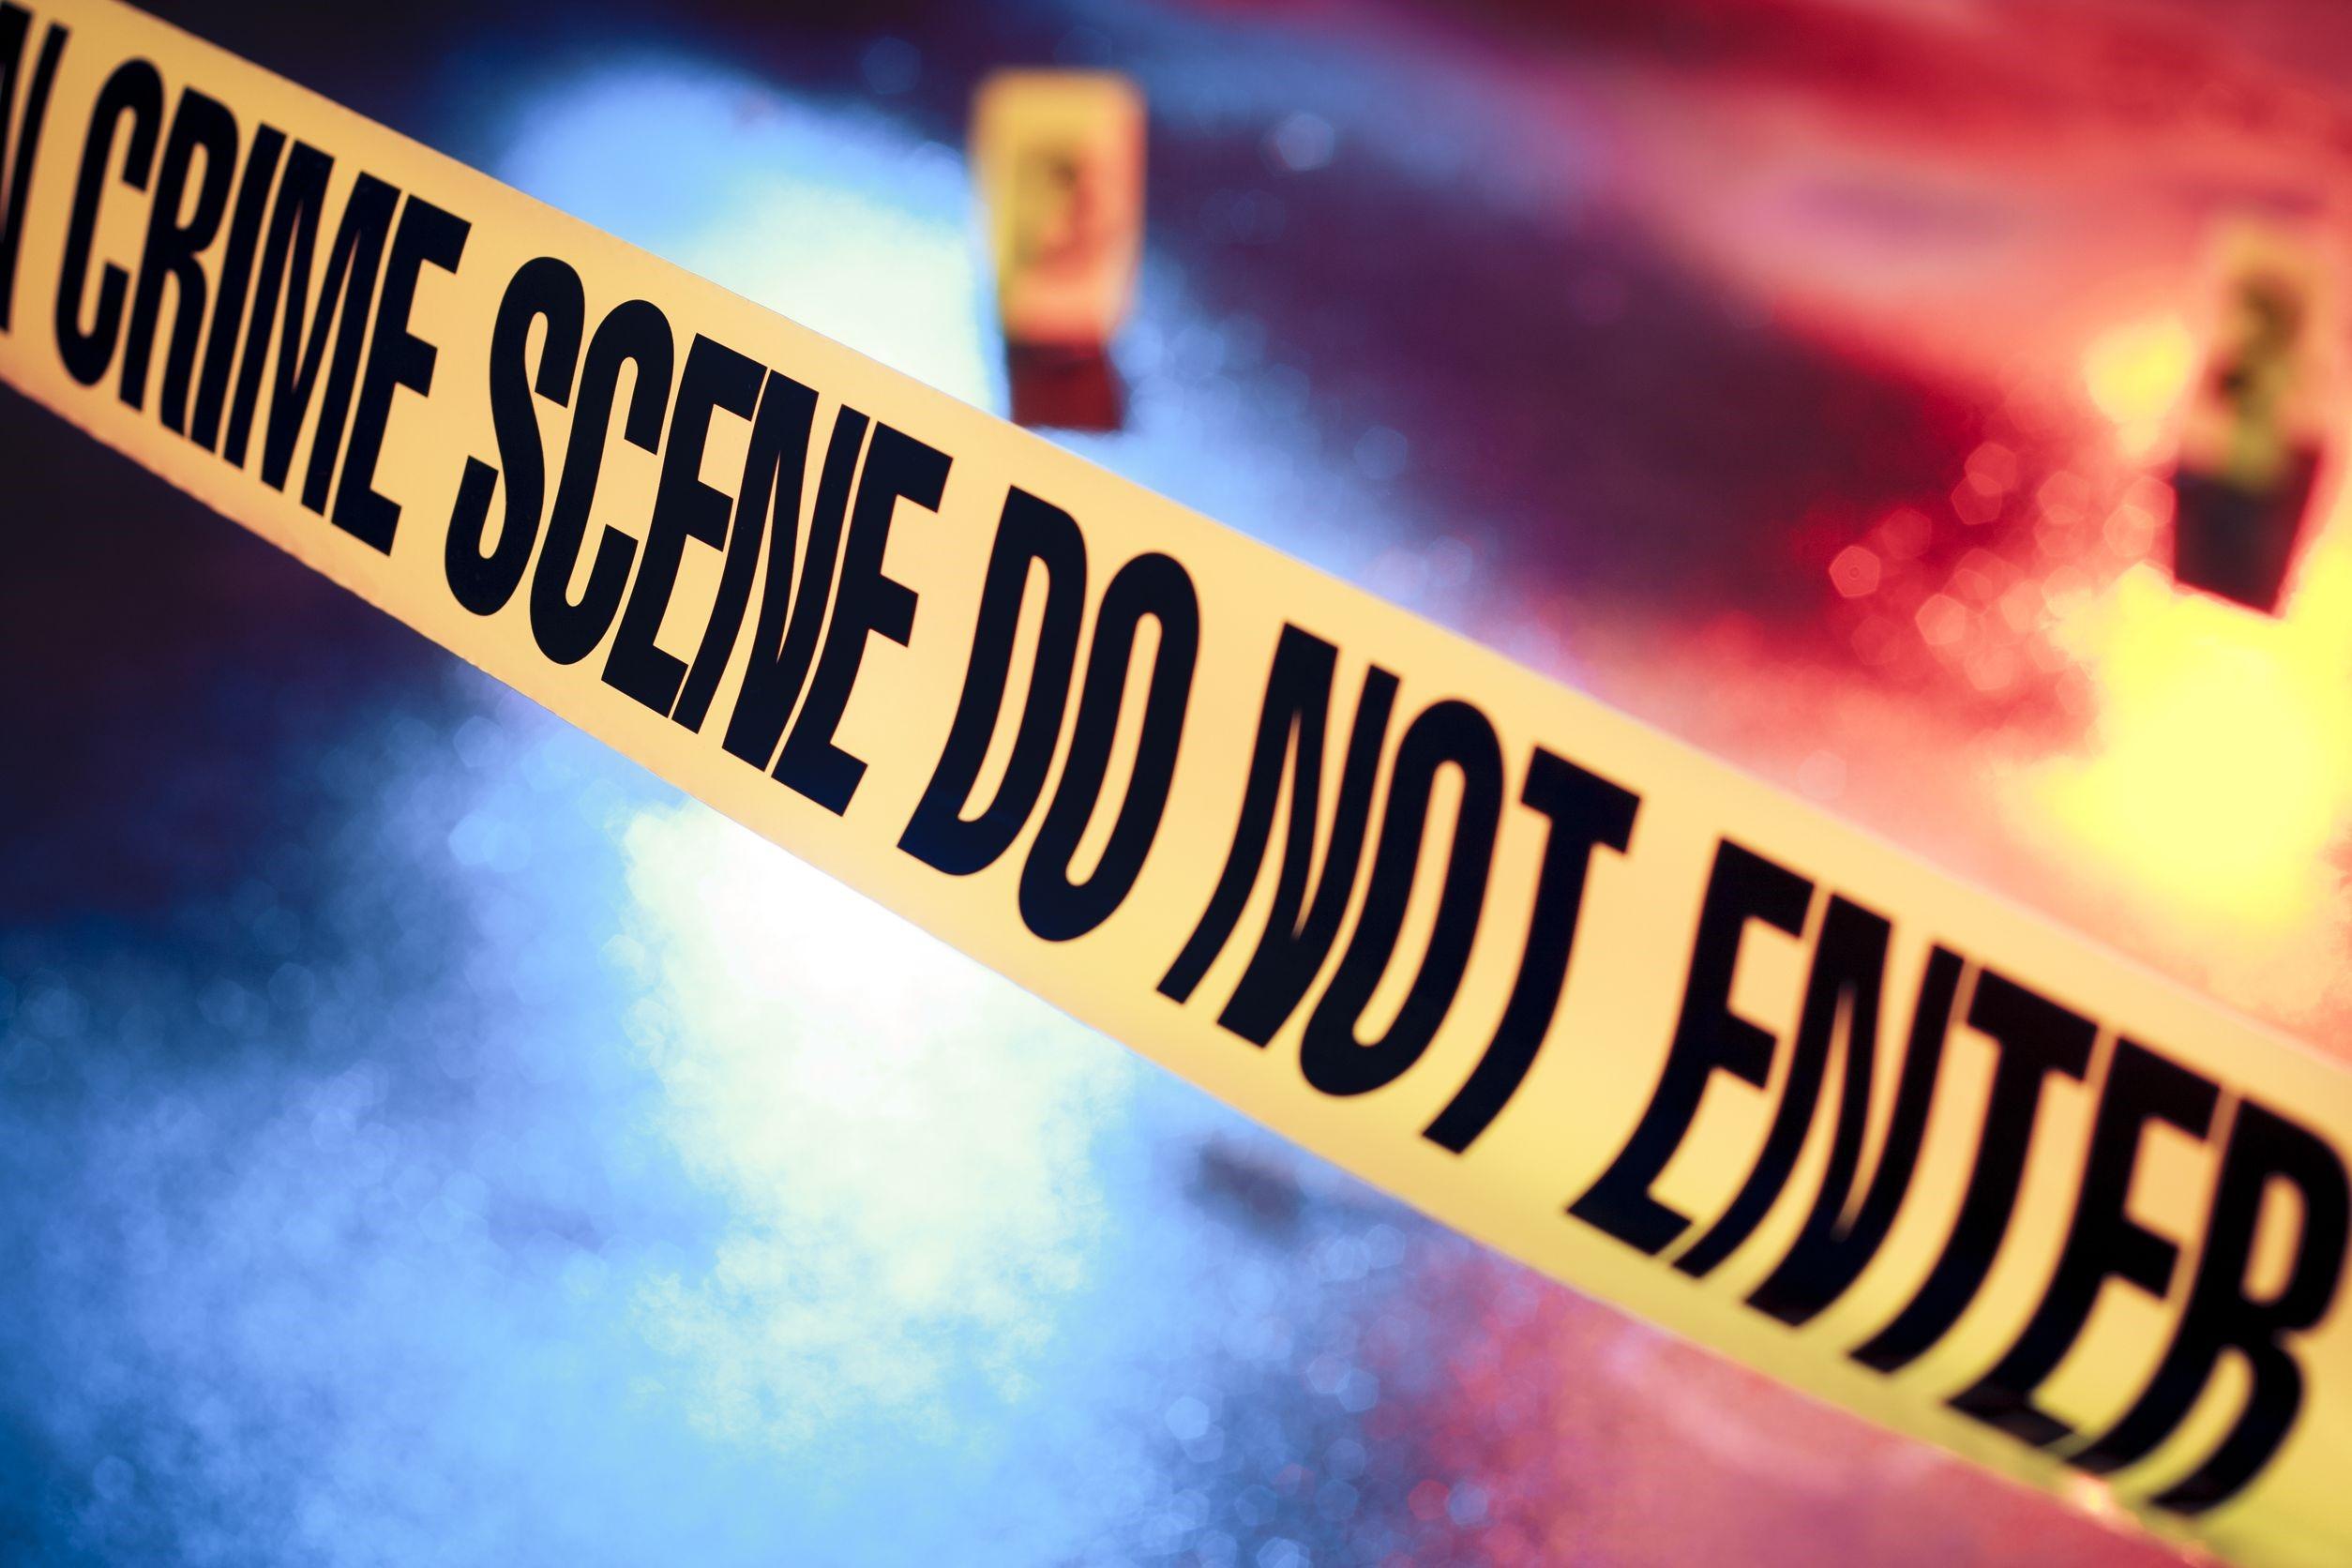 فیروزآباد میں لین دین کے تنازعہ میں ایک شخص کا قتل